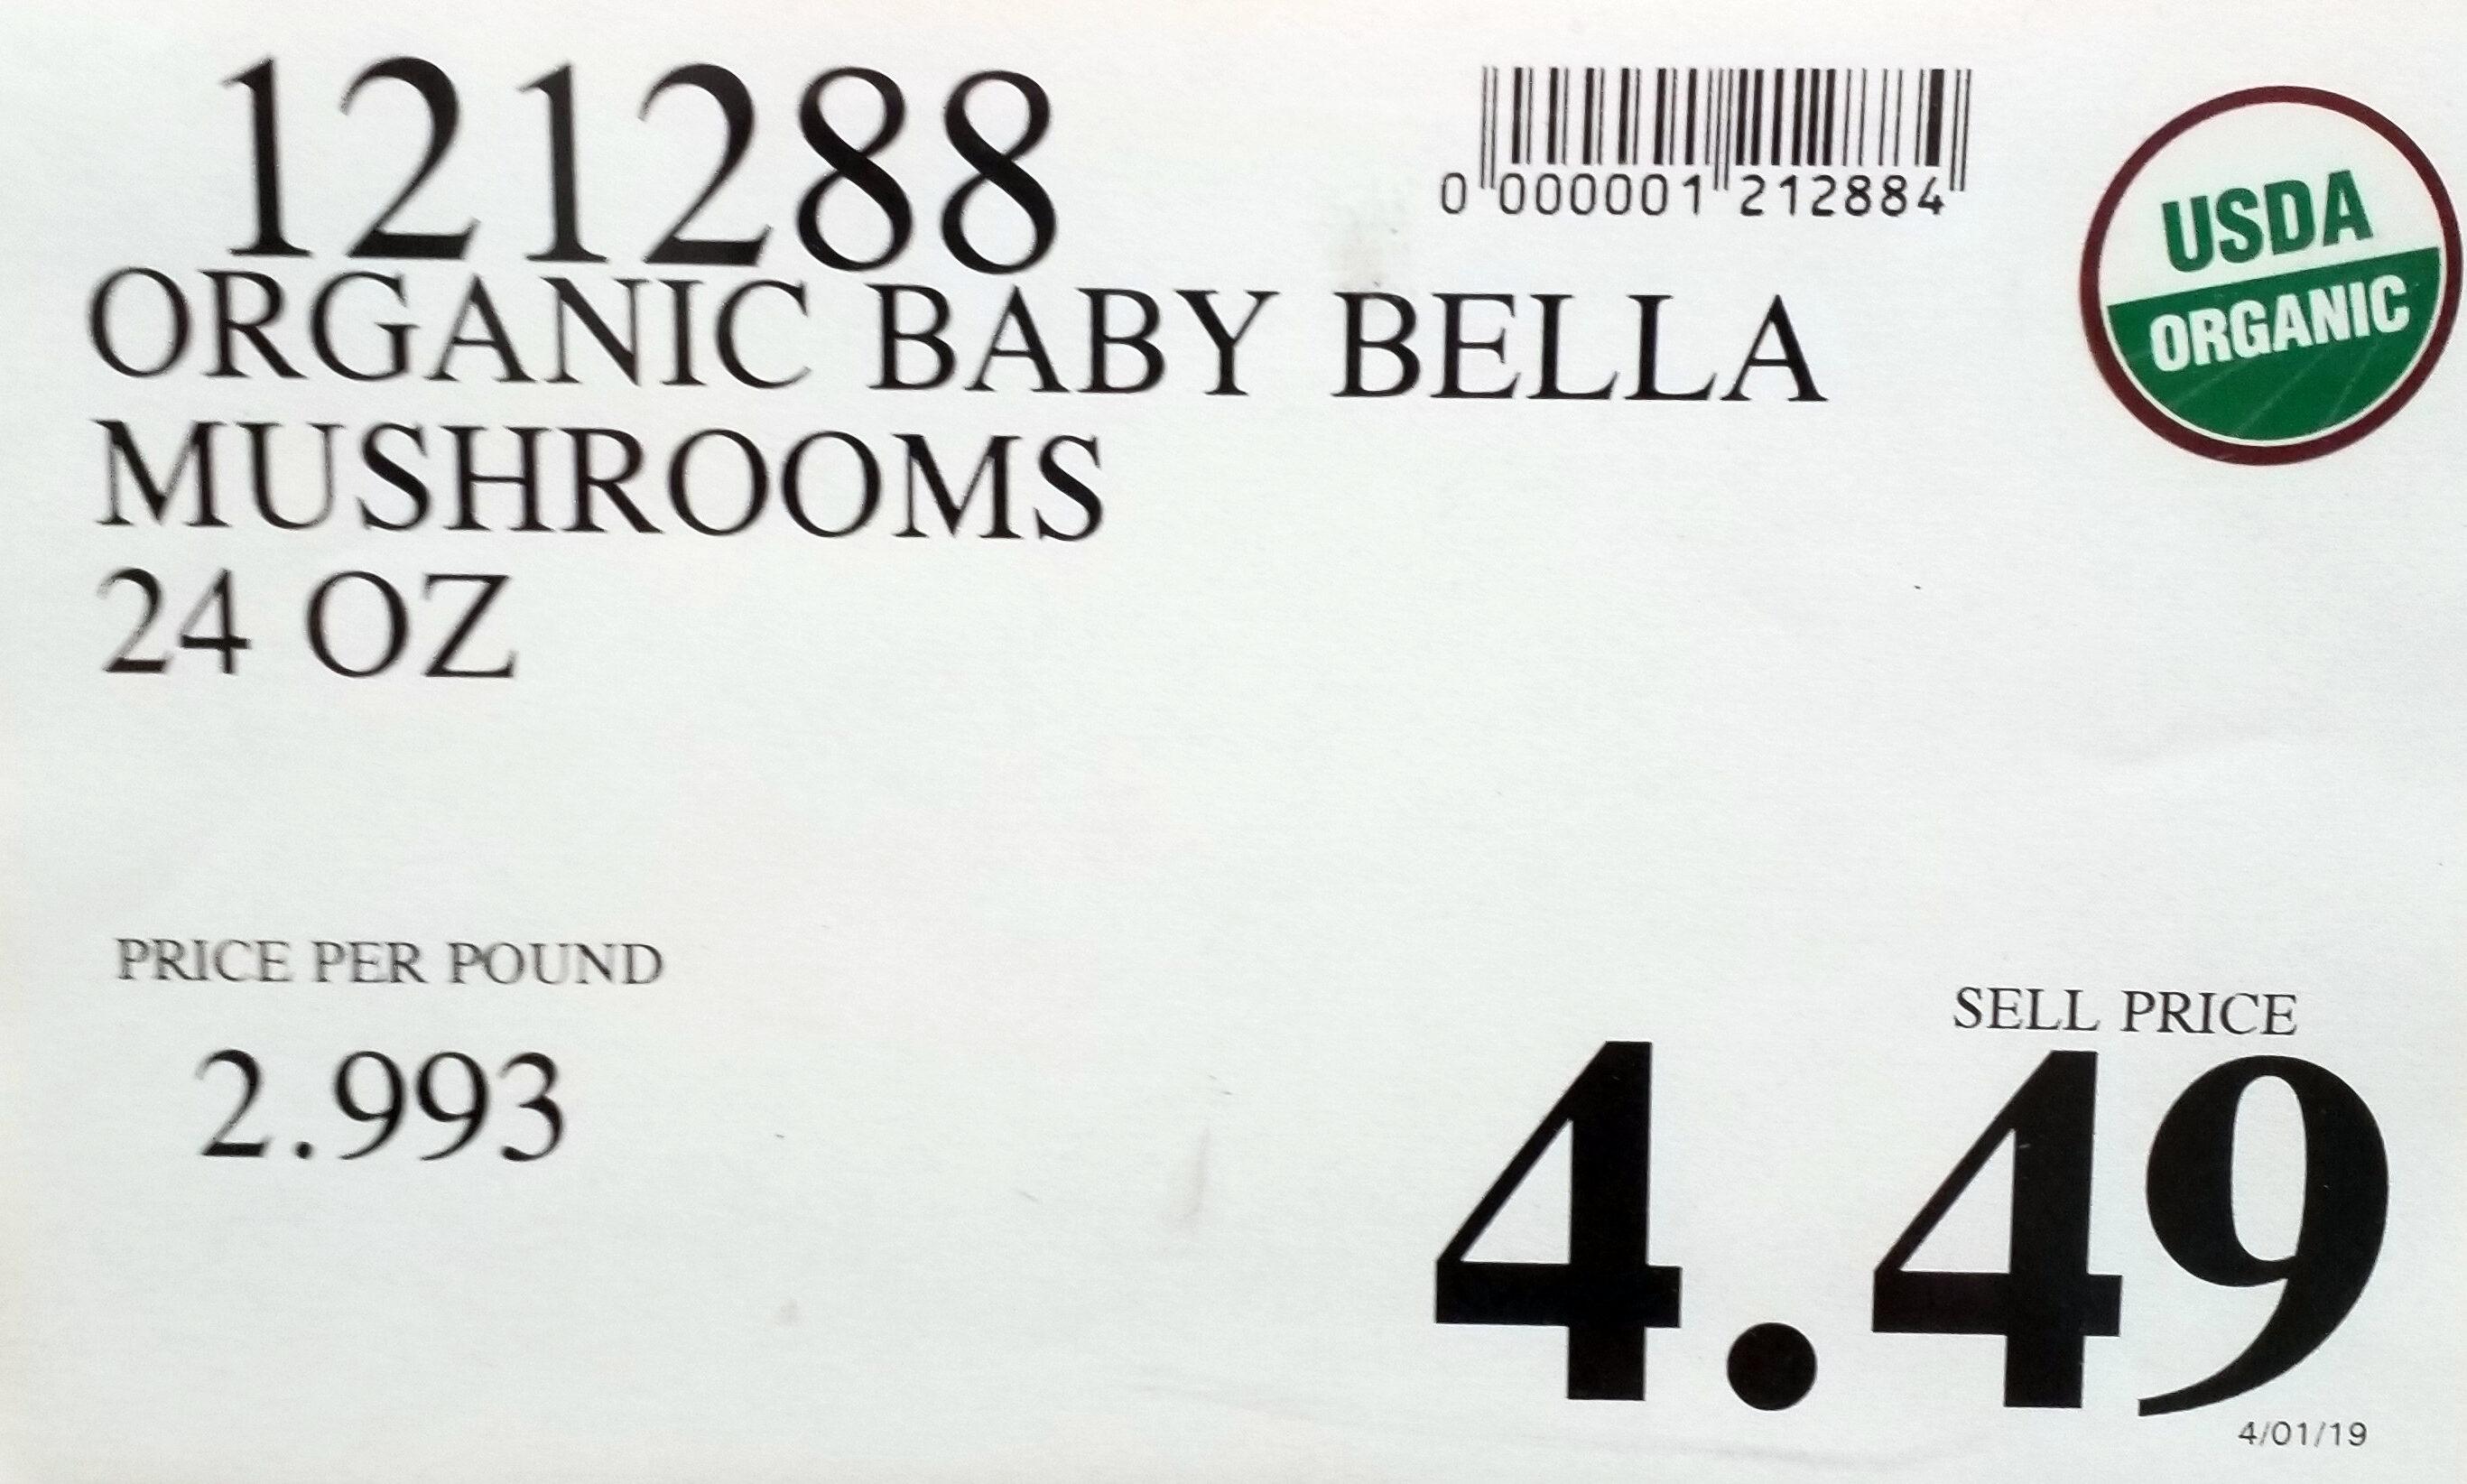 Organic Baby Bella Mushrooms - Ingredients - en